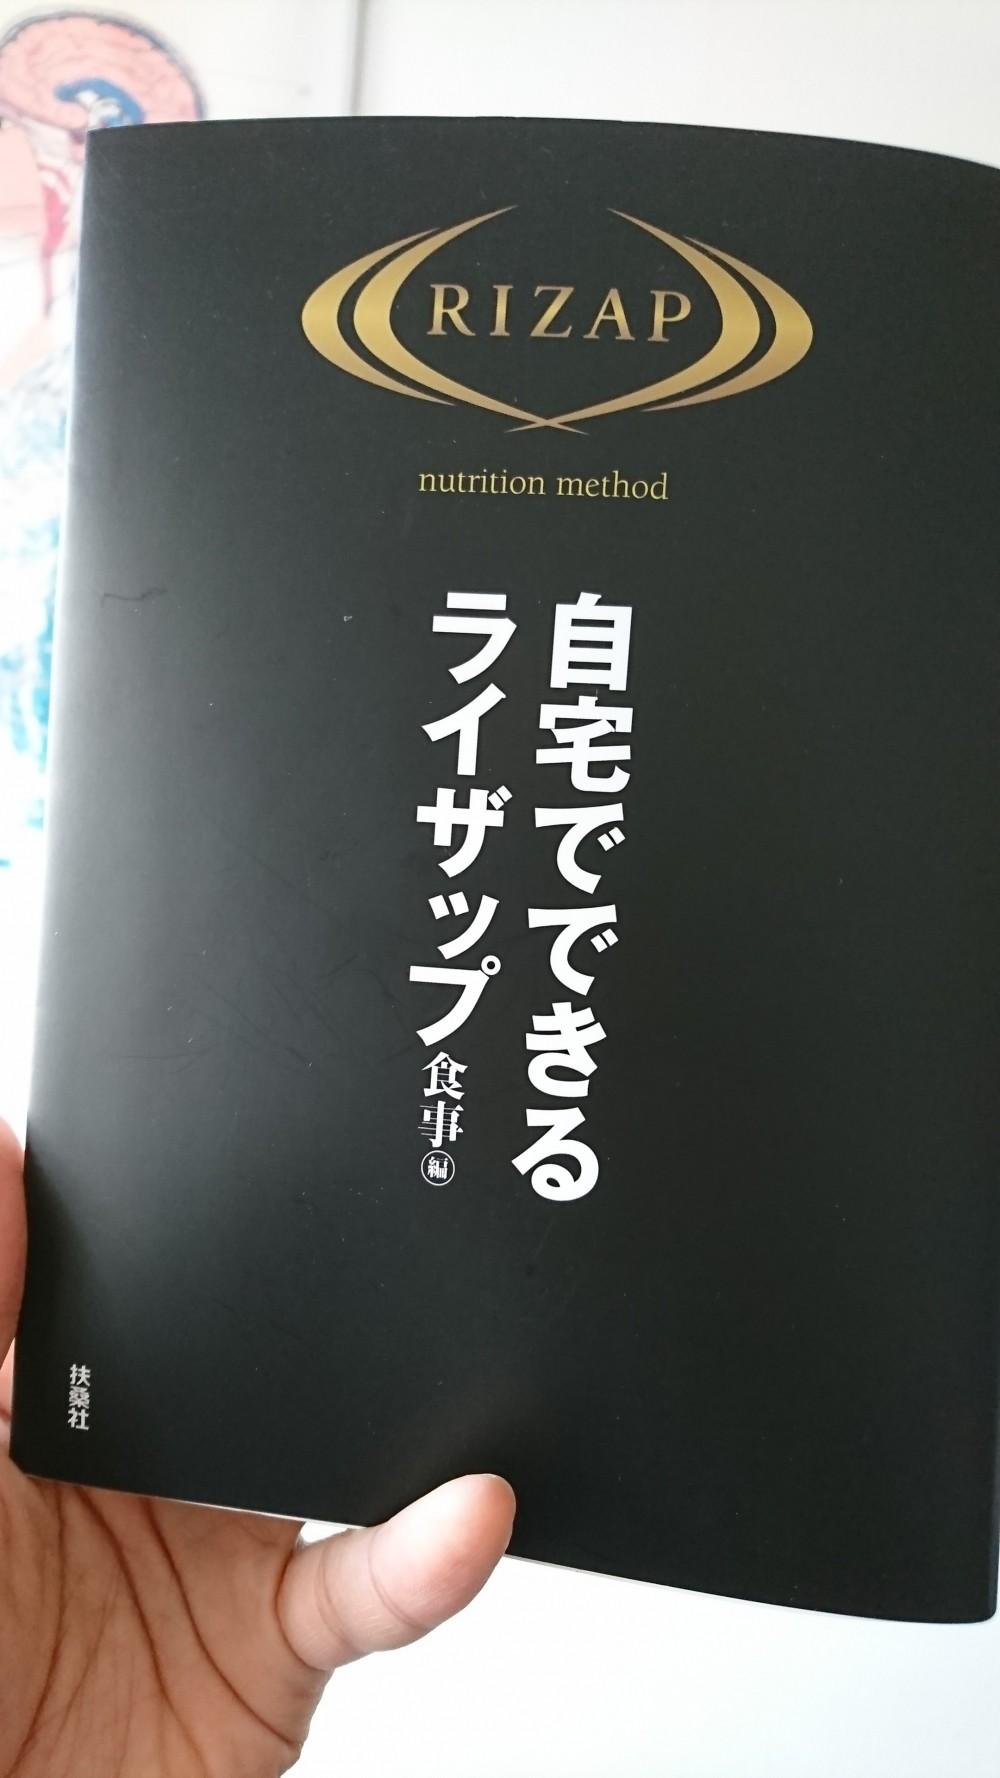 【自宅でできるライザップ ~食事編~】